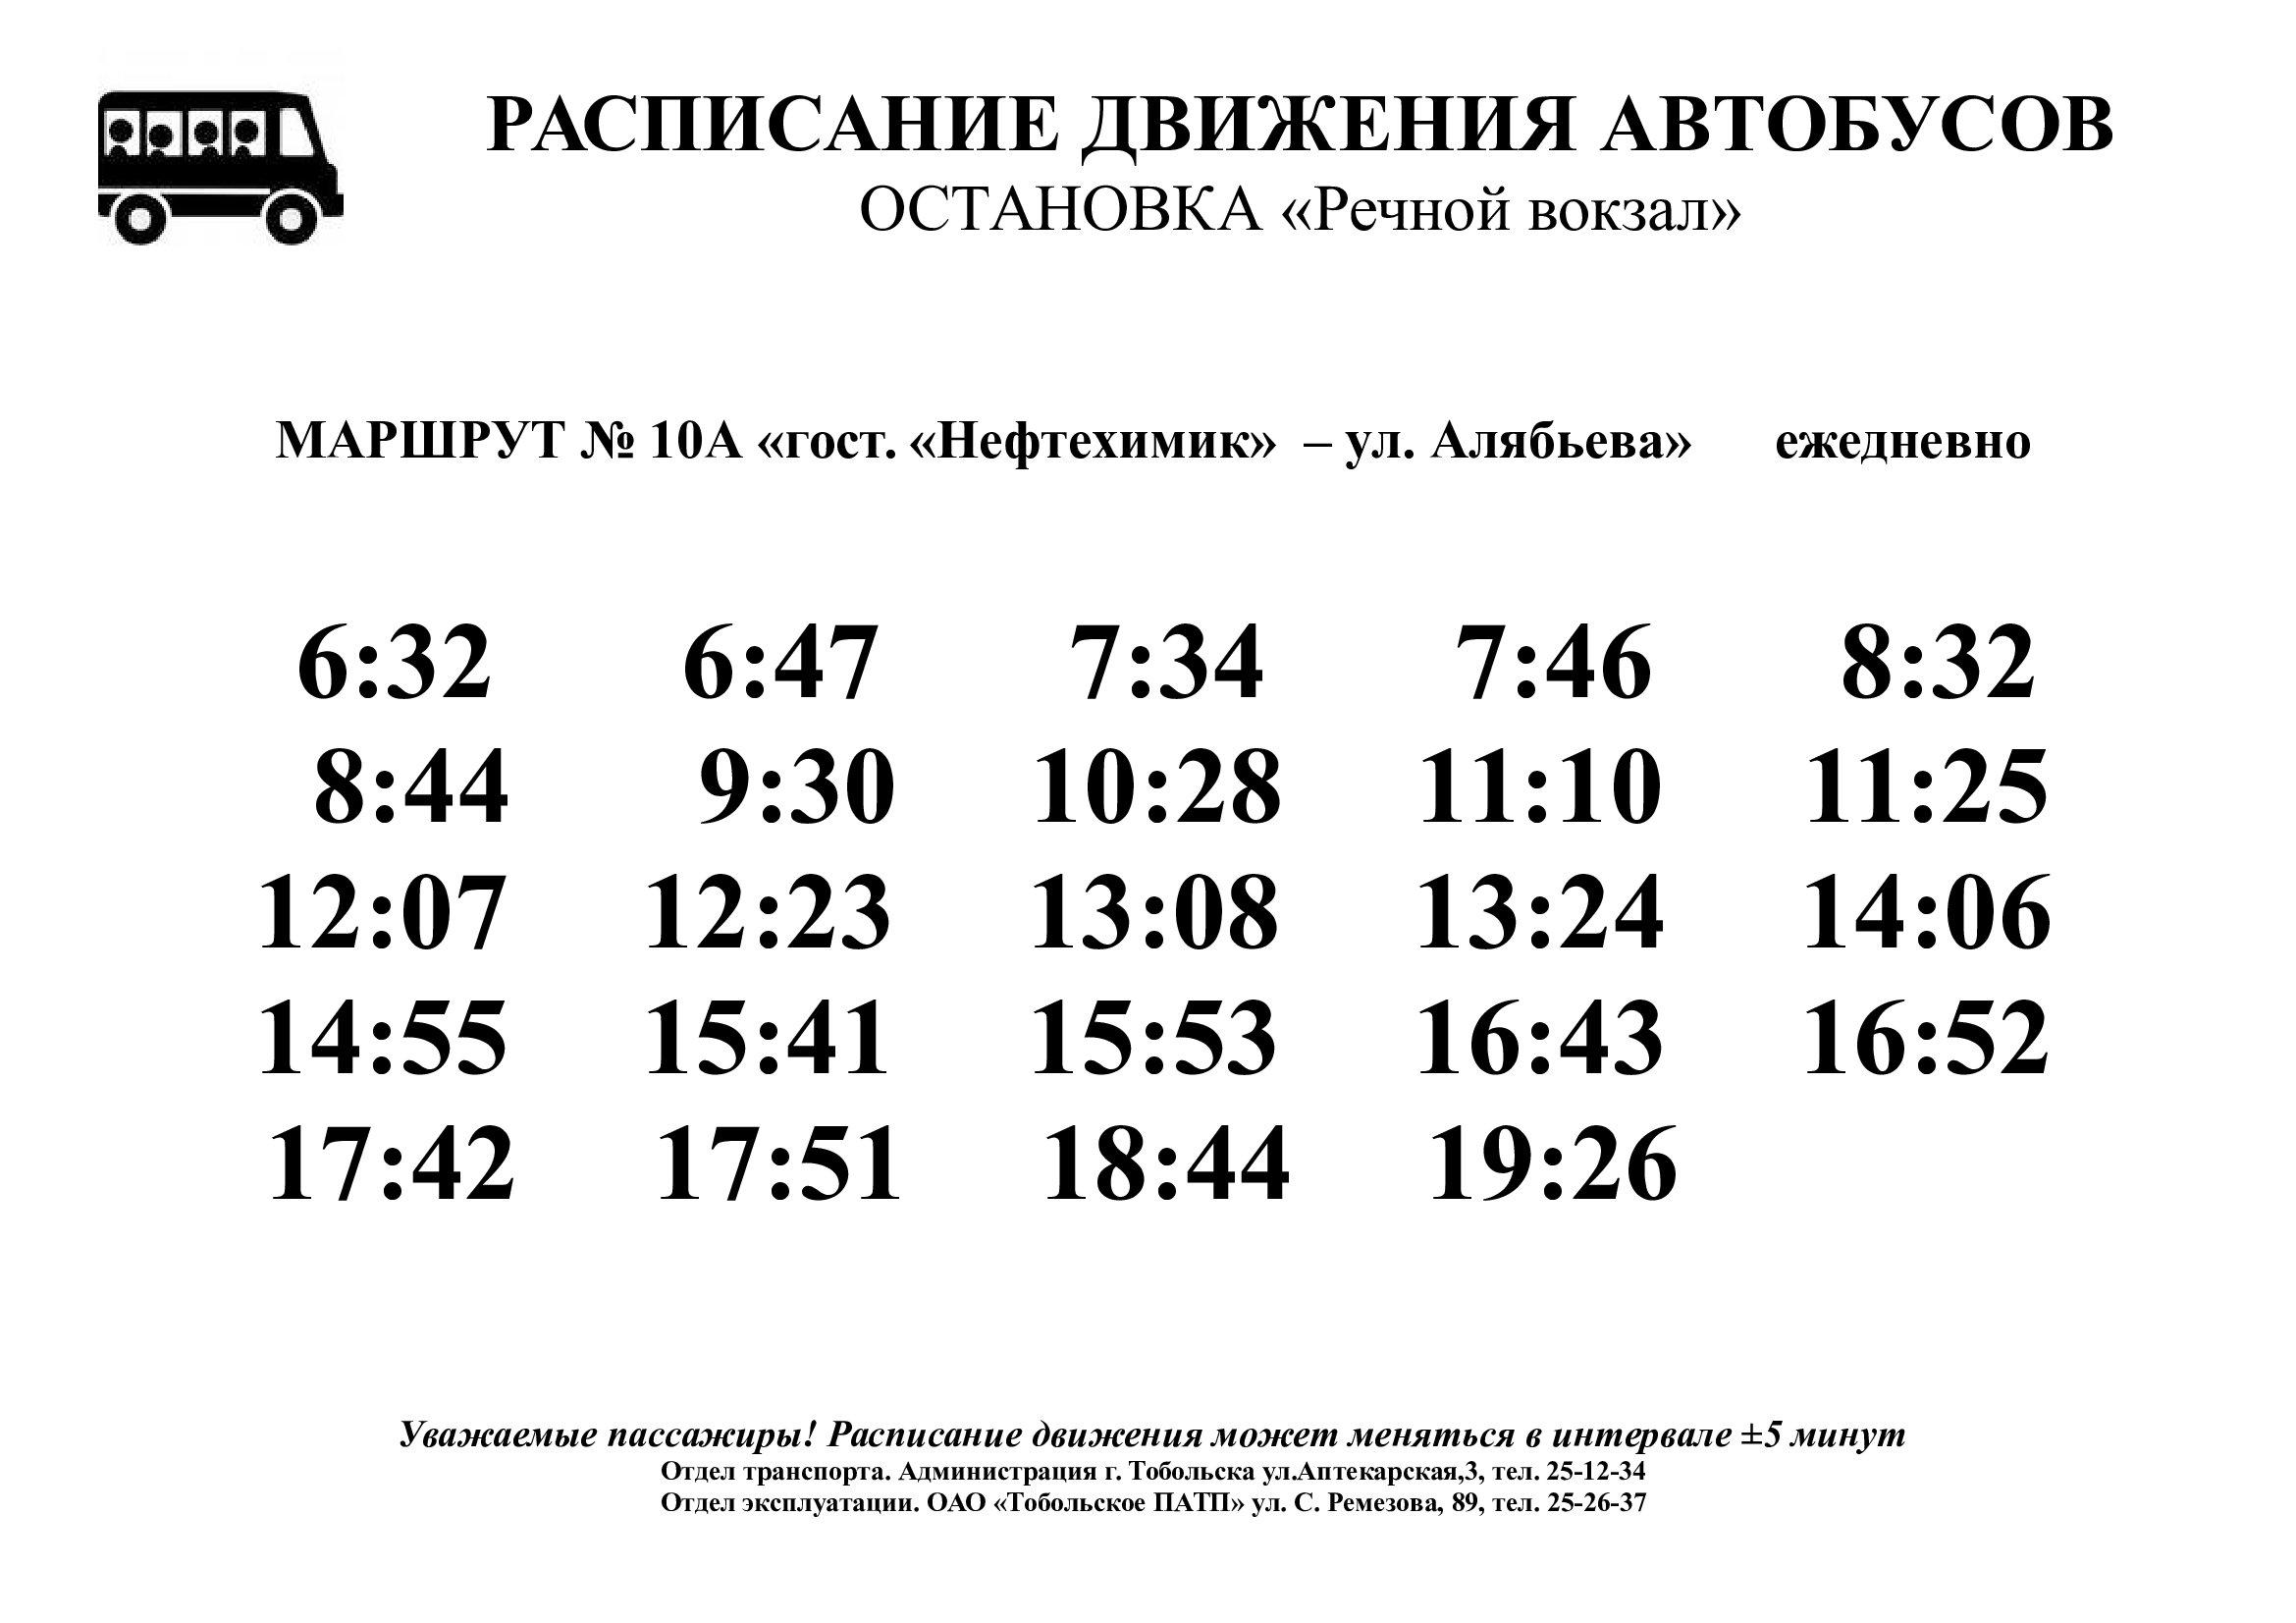 Поздравление к юбилею октябрьского района